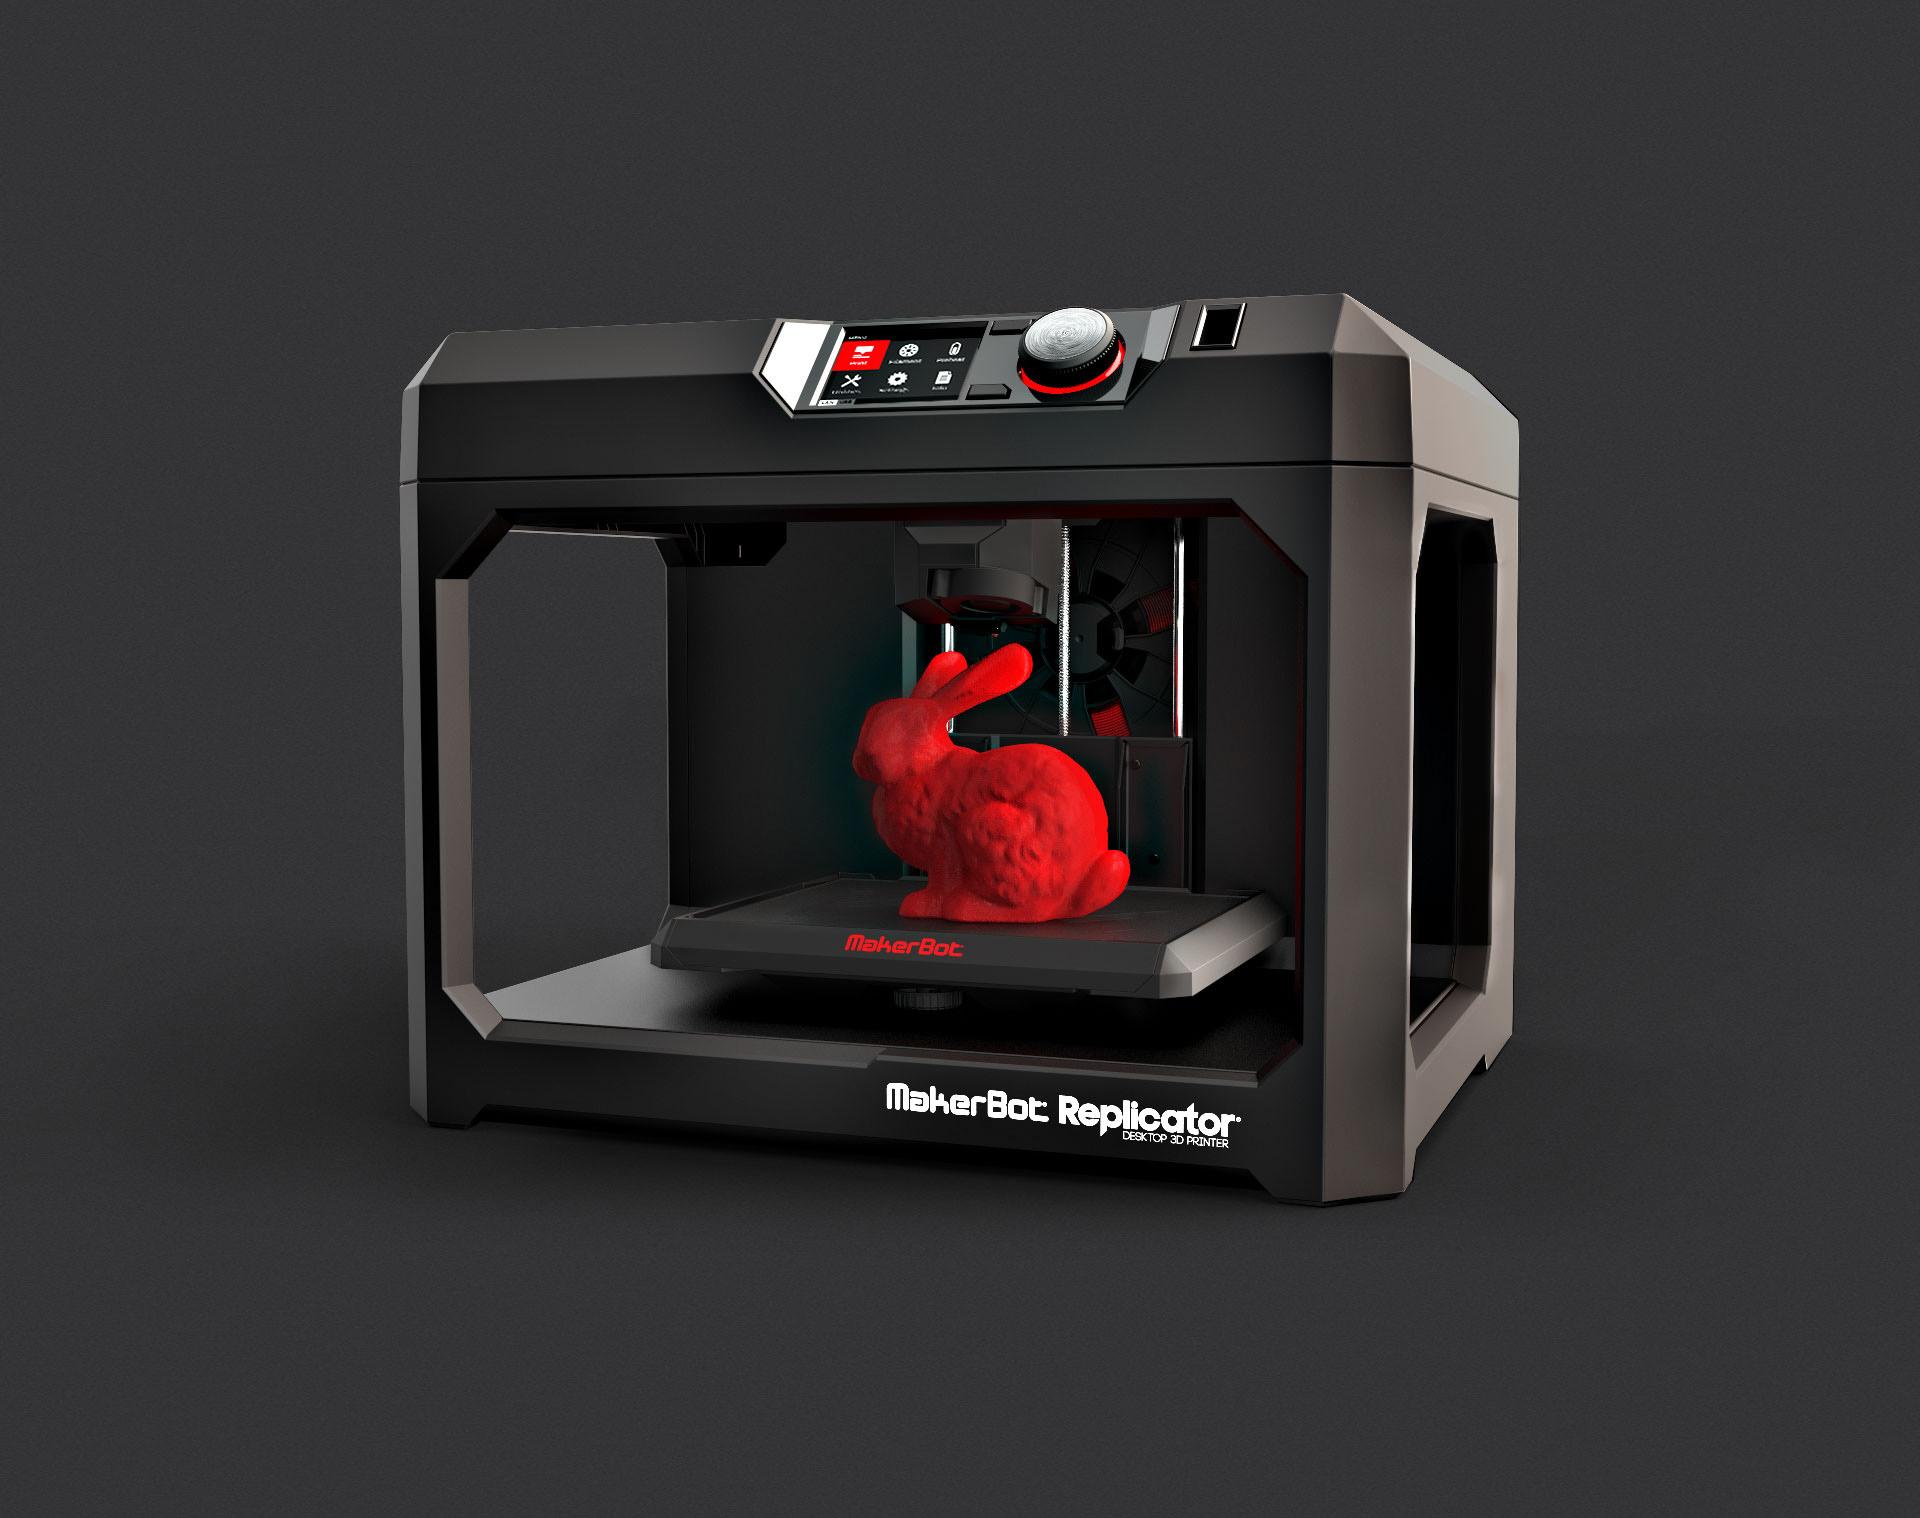 德国32%企业使用3D打印技术